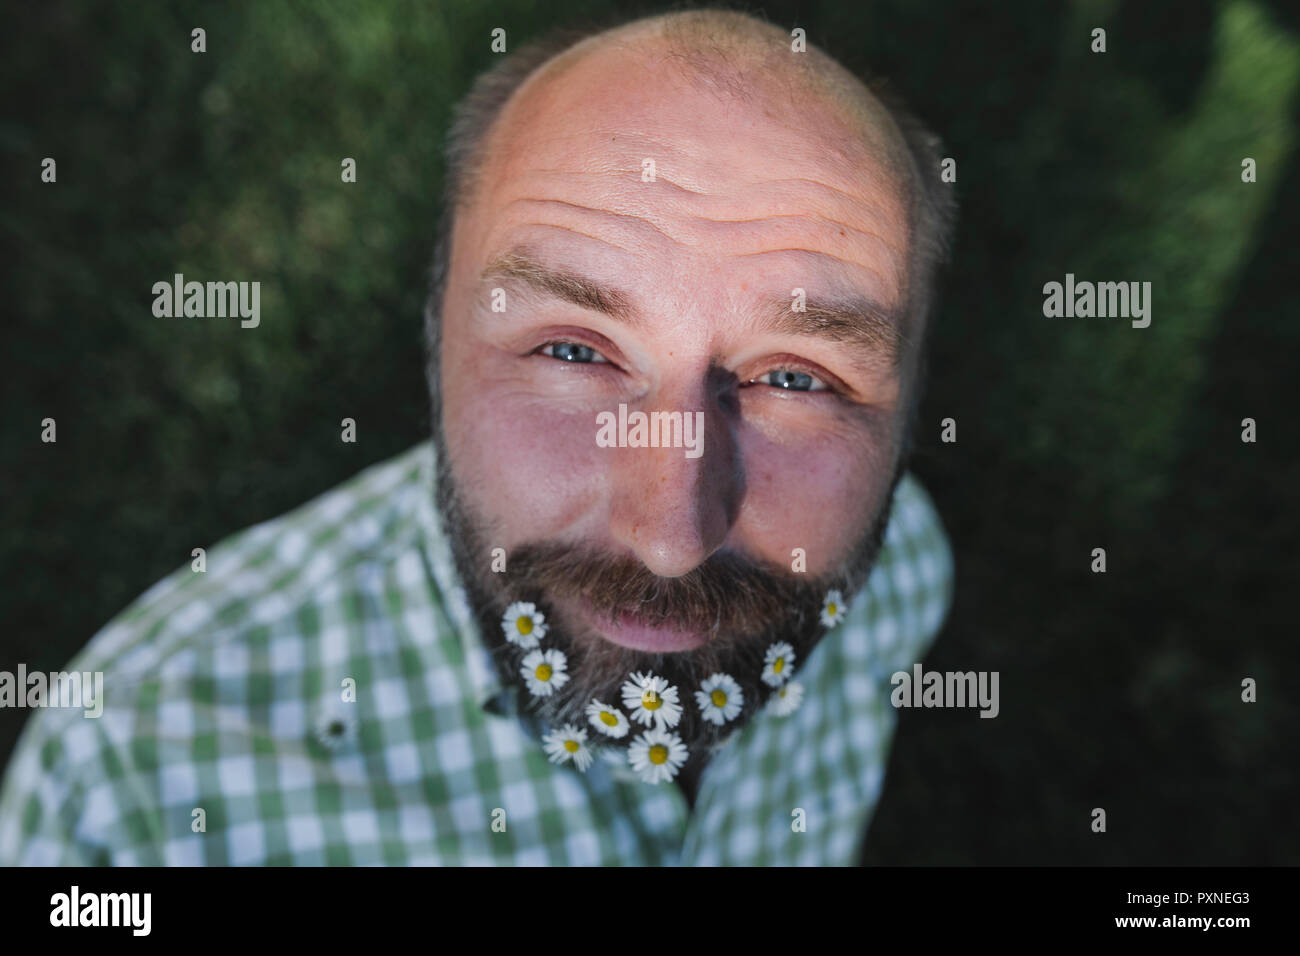 Ritratto di uomo maturo con margherite nella sua barba Immagini Stock